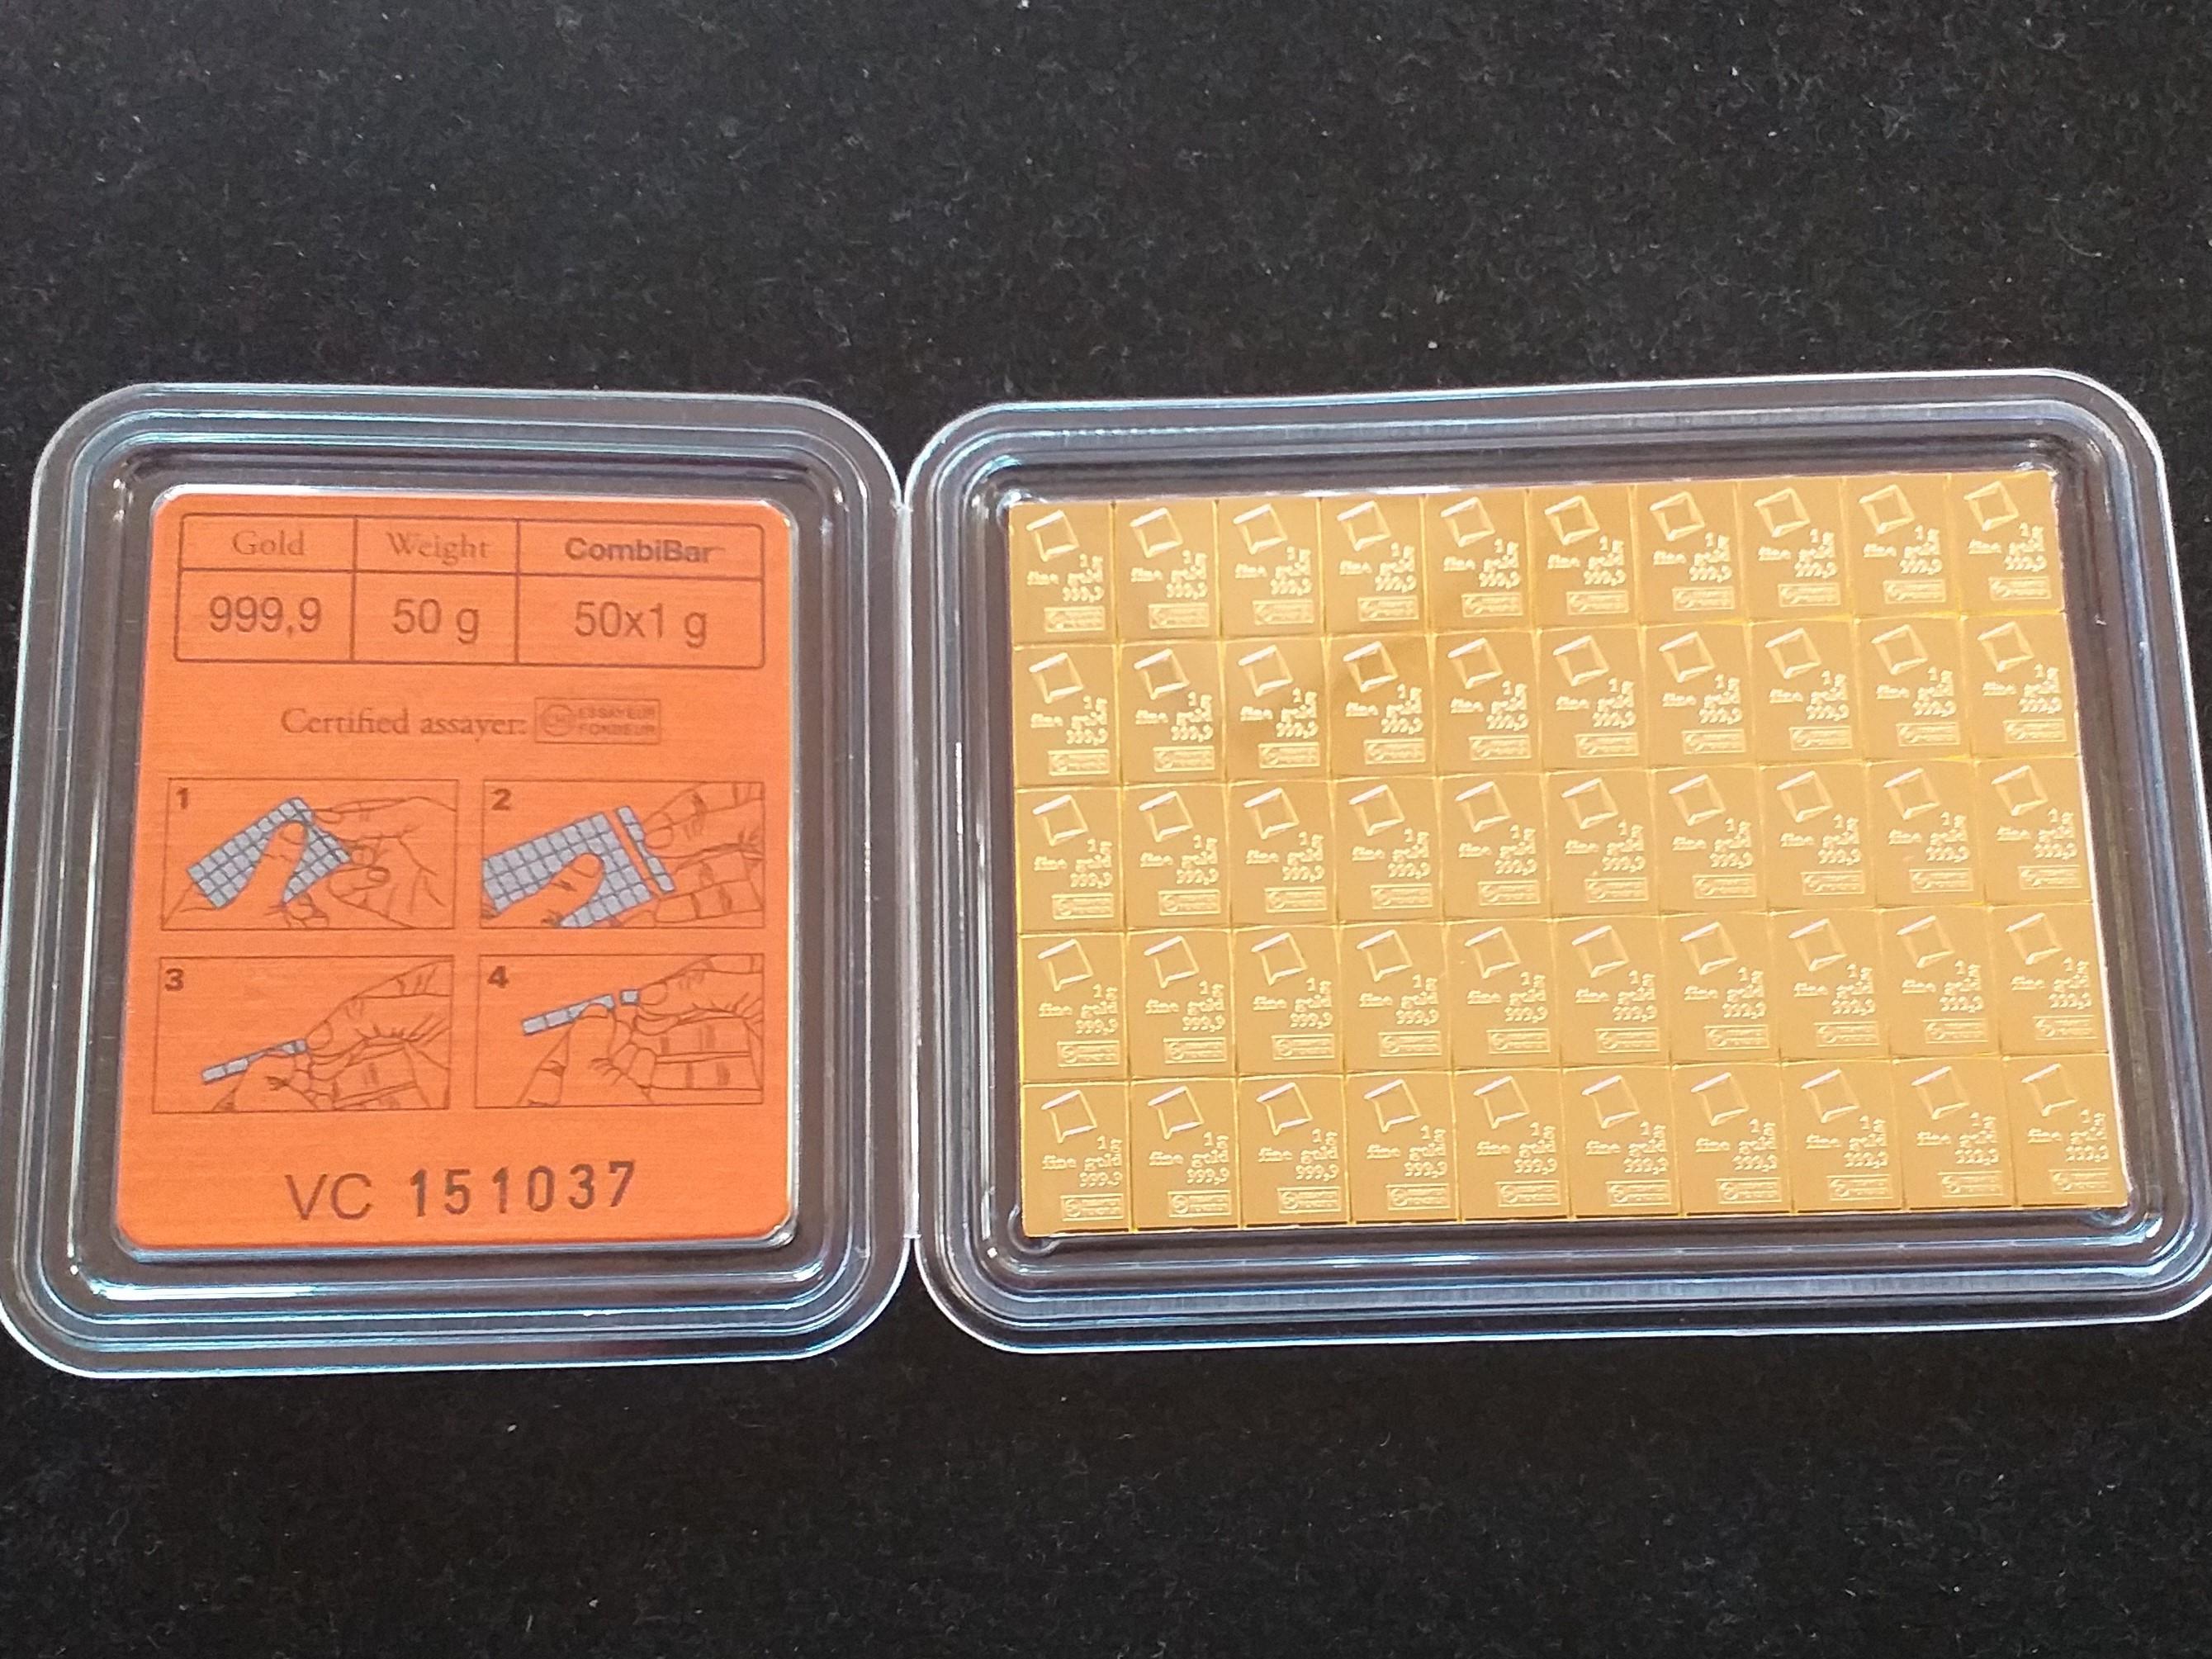 Златно кюлче 50 х 1 гр., Valcambi